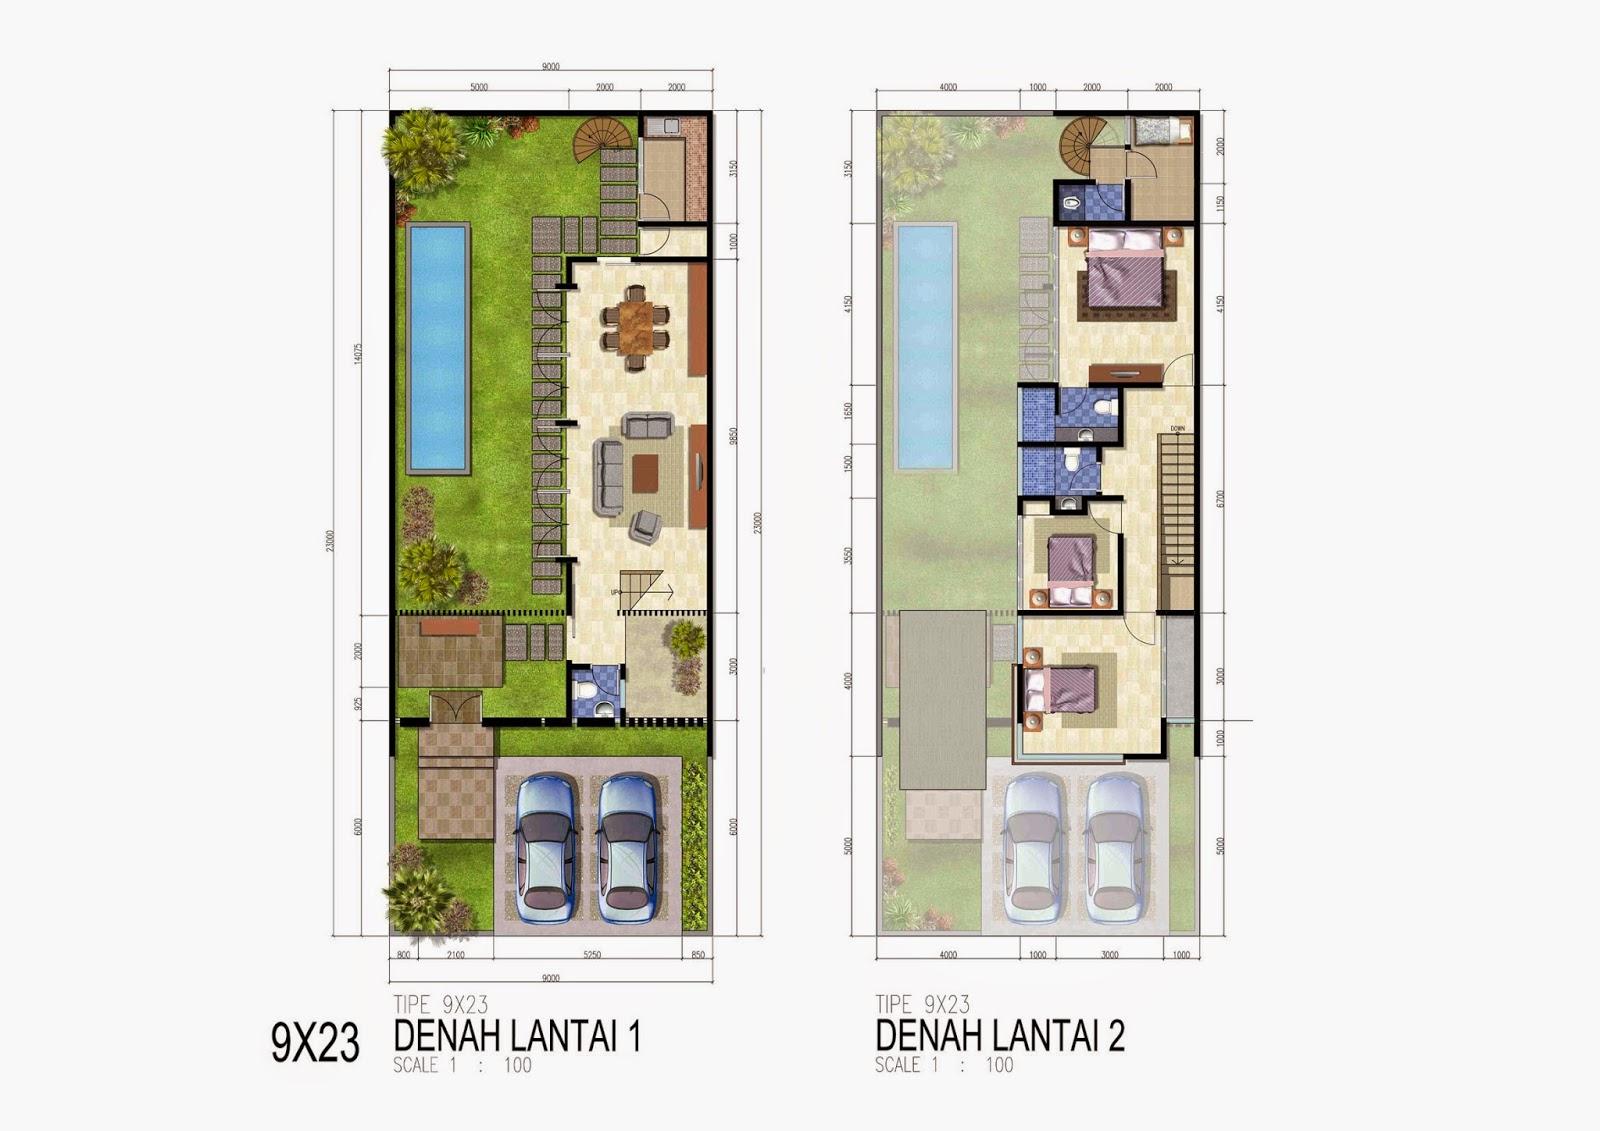 Desain Rumah Minimalis Lantai Dengan Kolam Renang Ideas 13 Model